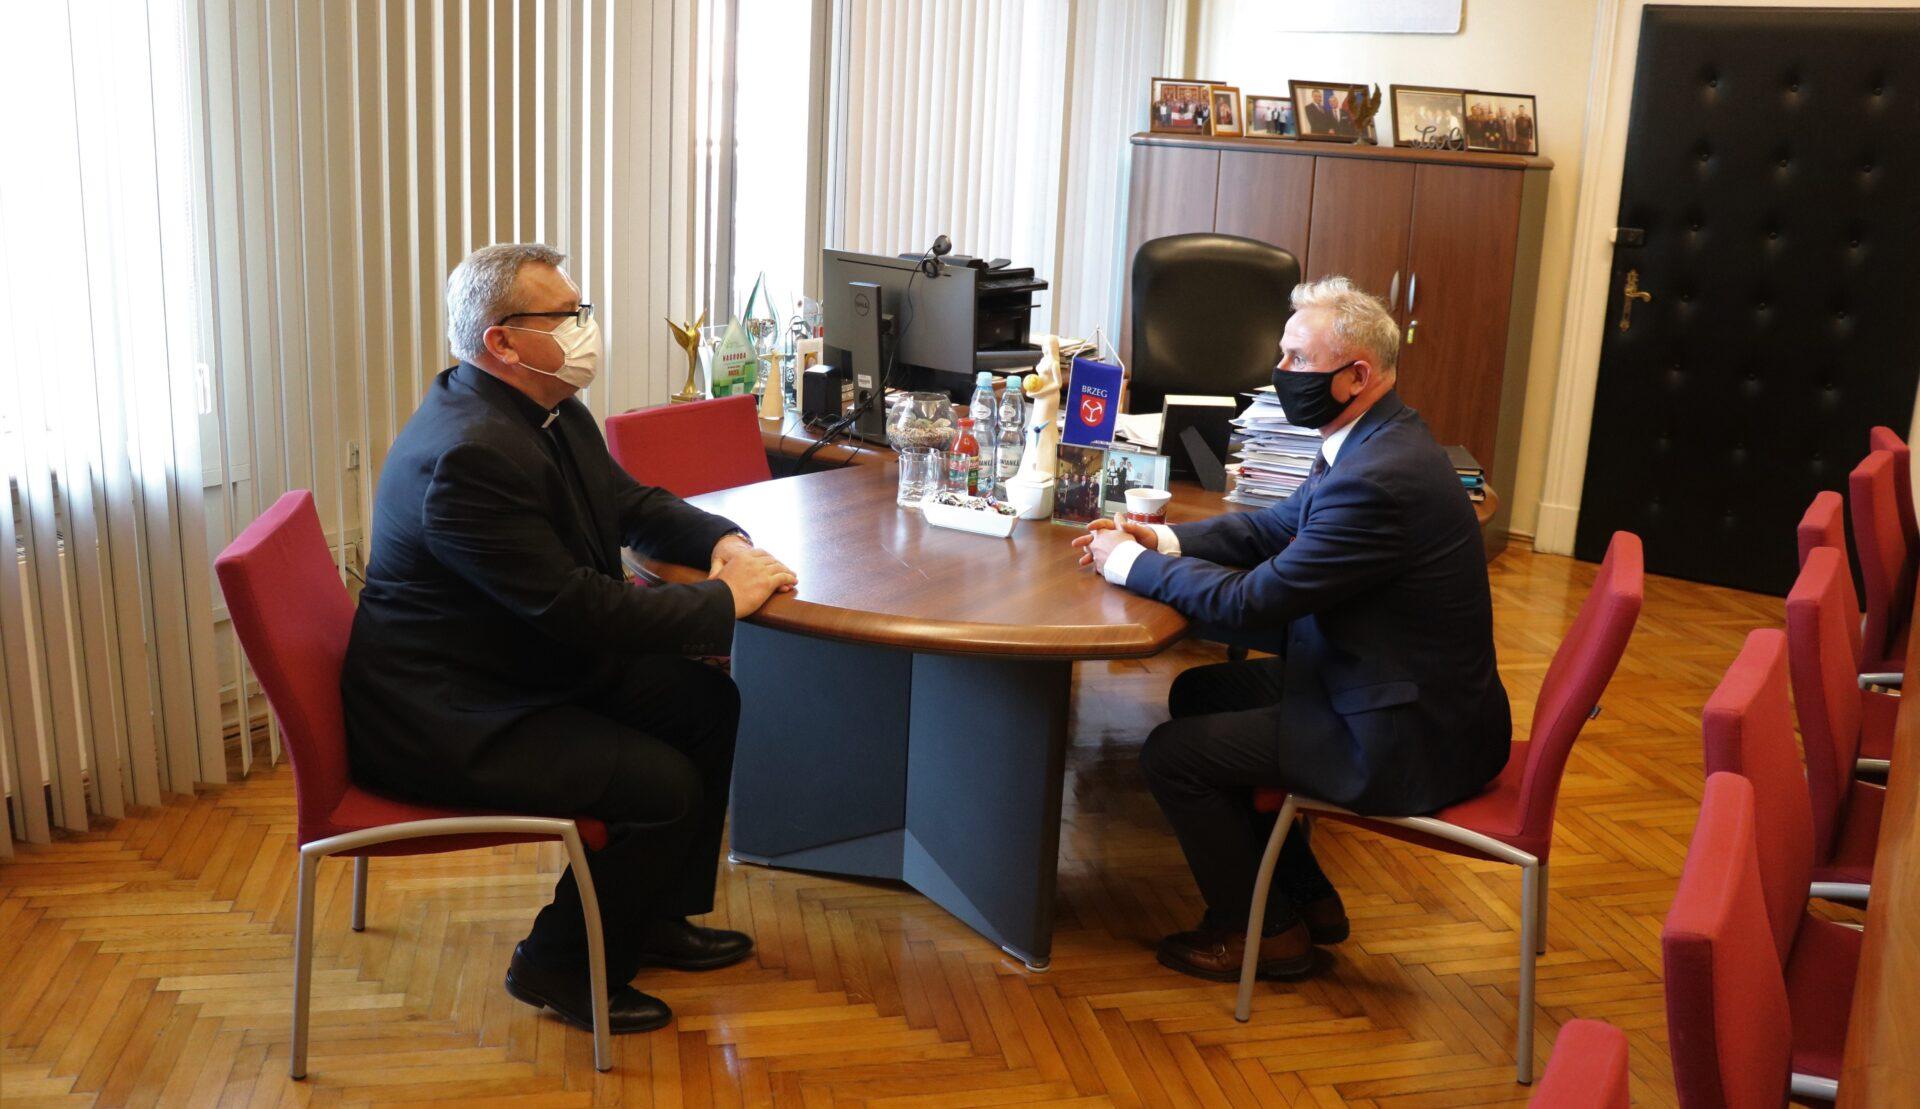 Spotkanie Burmistrza Brzegu z Proboszczem Parafii p.w. św. Krzyża w Brzegu